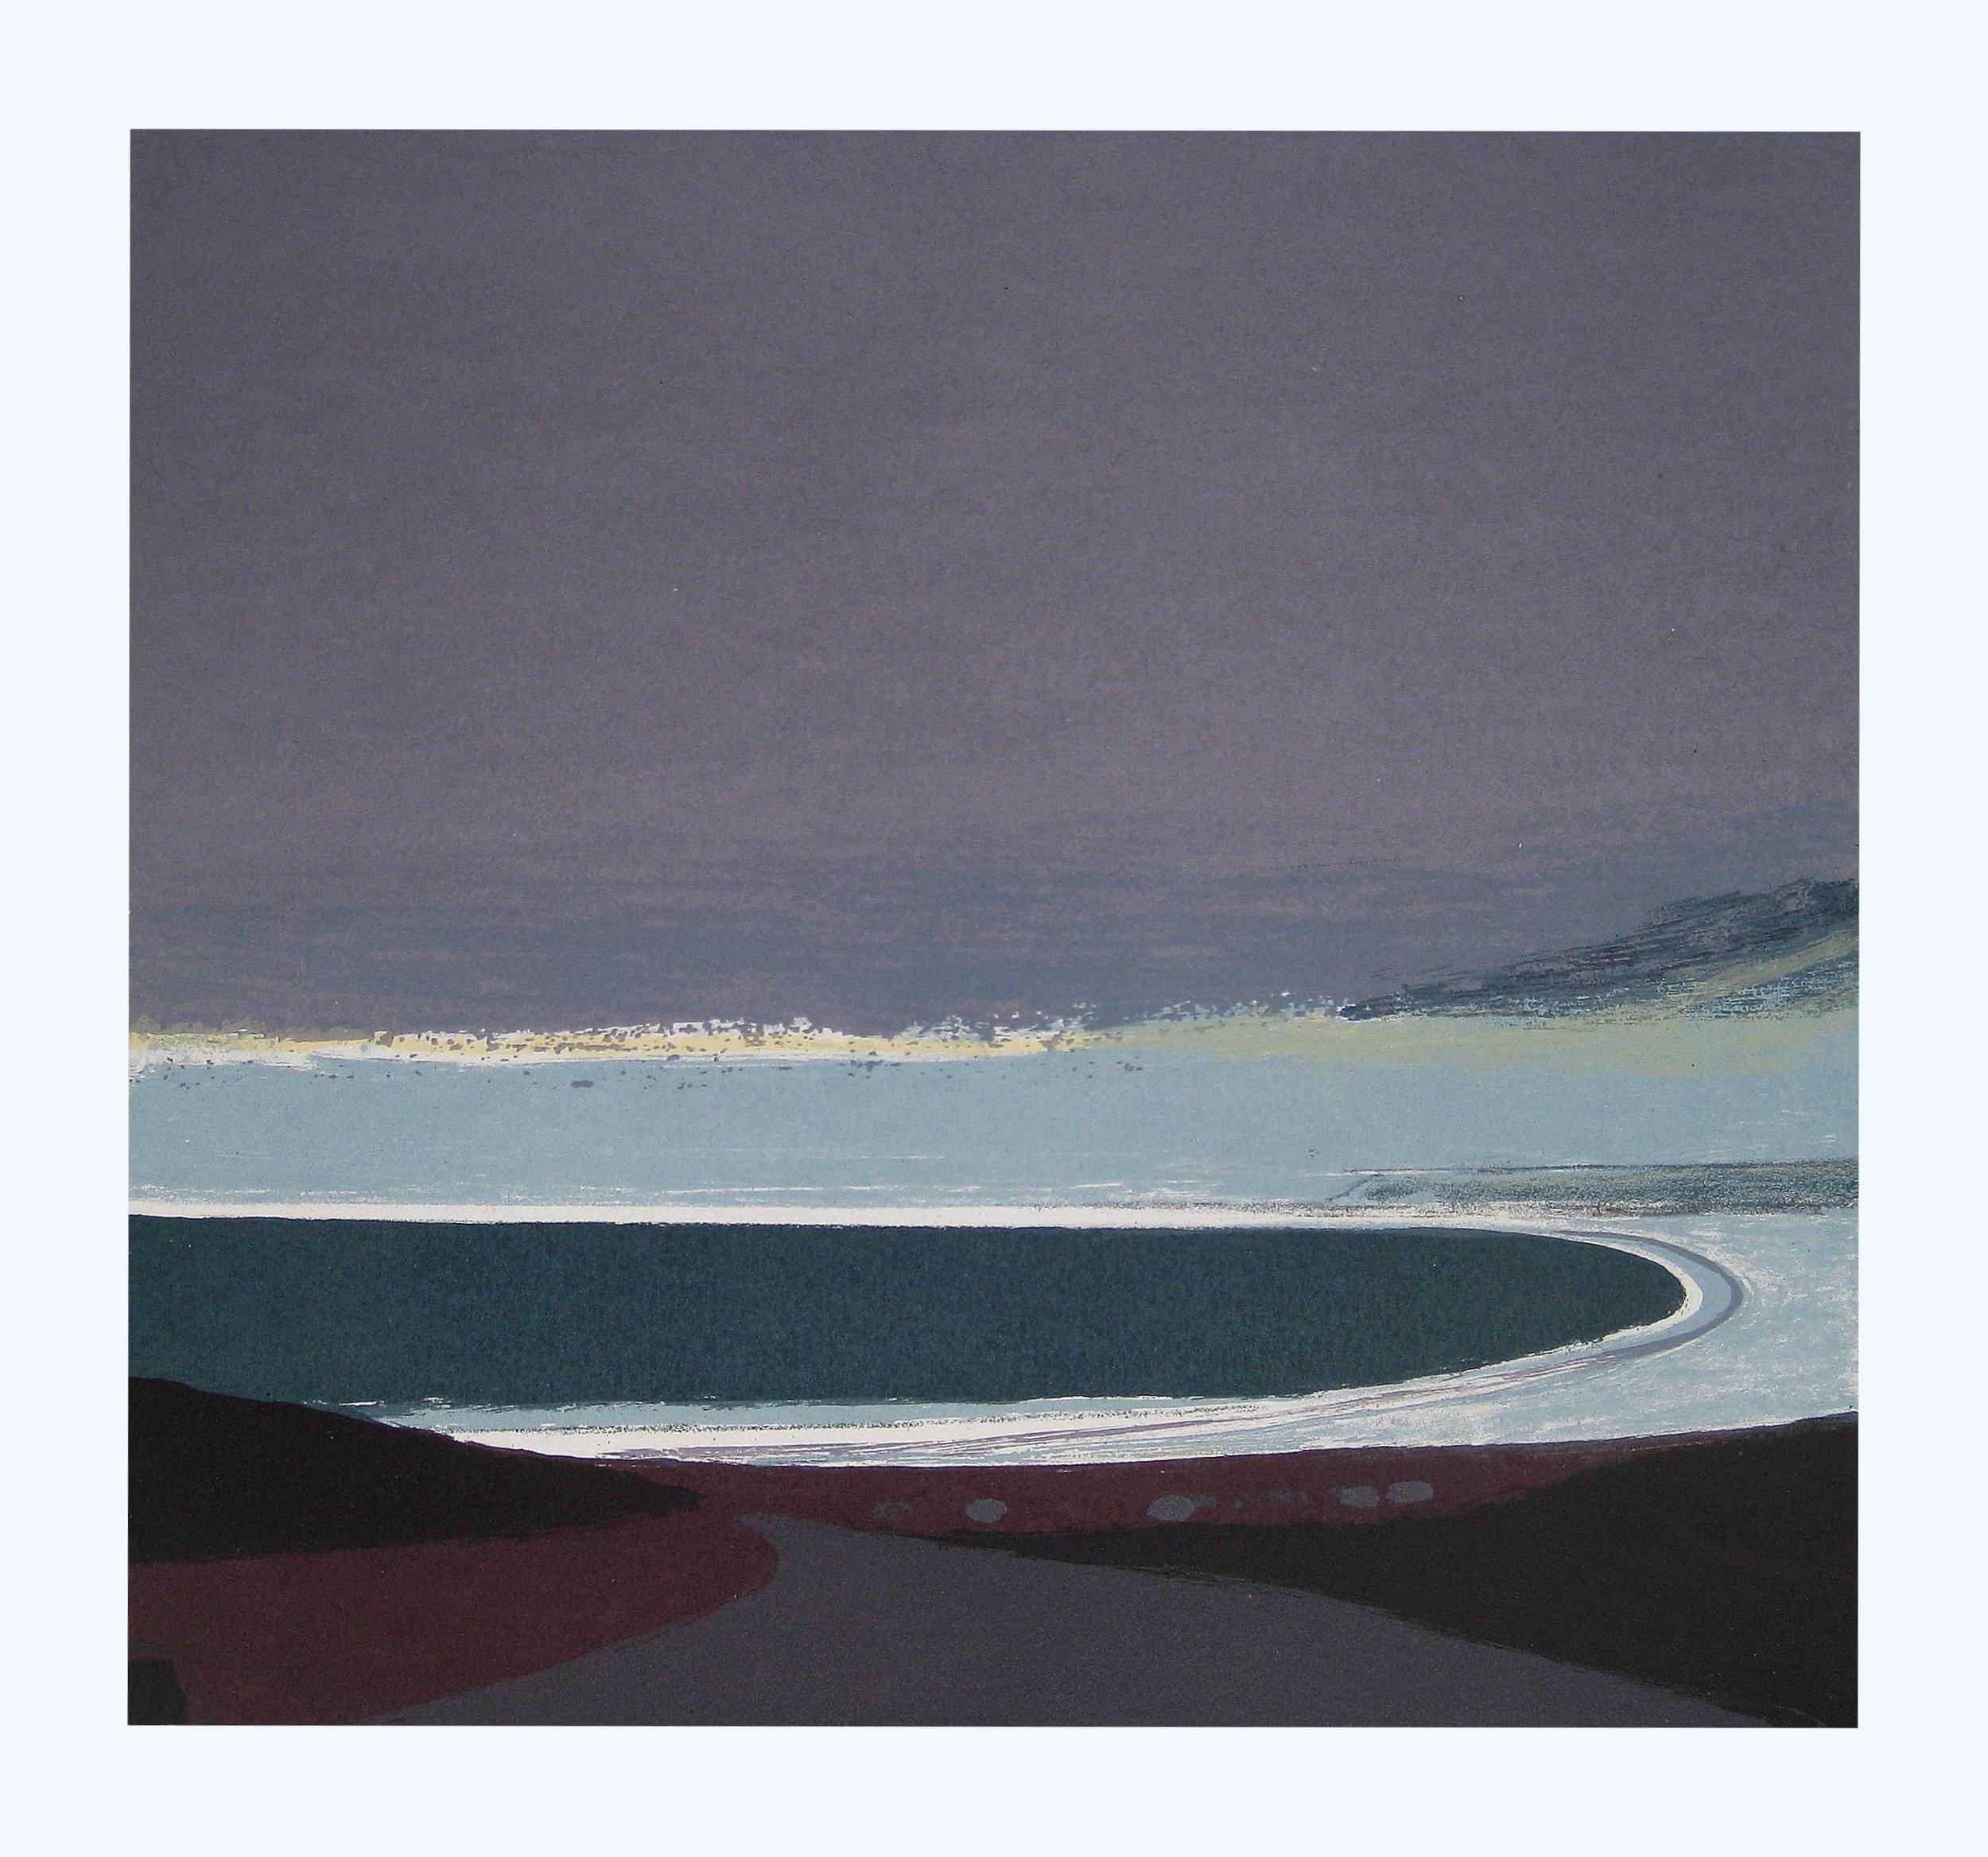 25 Slate grey Seascape, 52x55cm, screen print, ed of 20